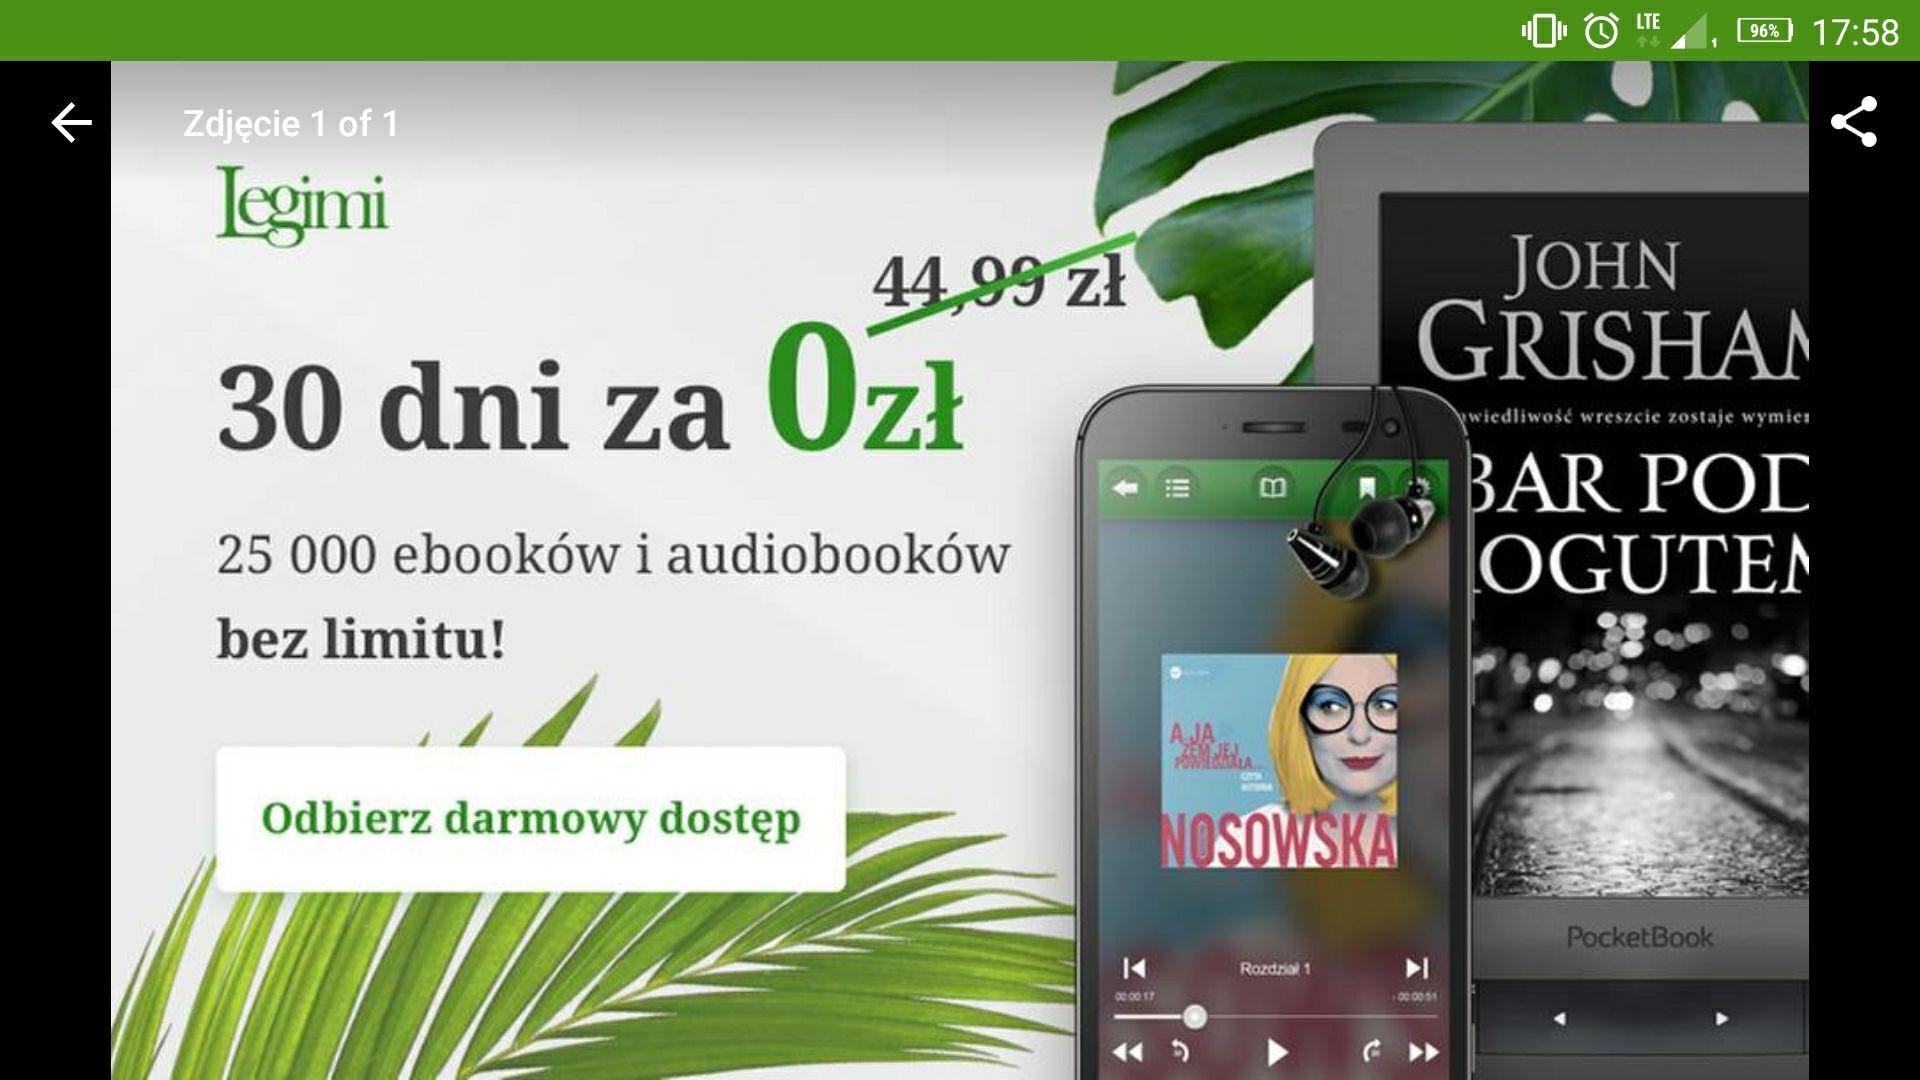 Za darmo. Legimi nielimitowany dostęp do ebooków i audiobooków 30dni Groupon.pl